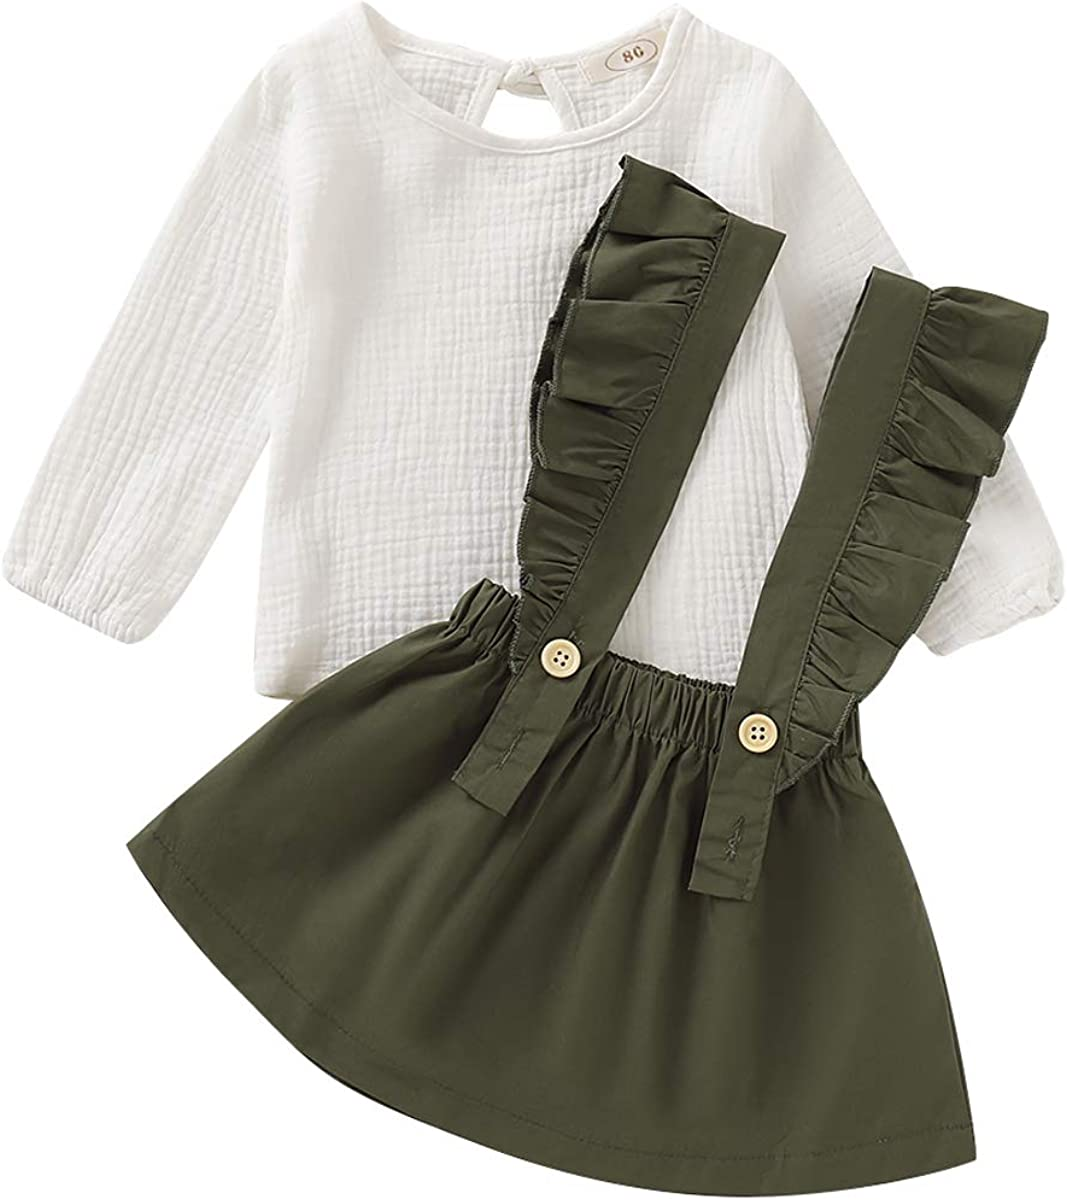 Toddler Baby Girl Linen Suspender Skirt Set Long Sleeve Shirts R